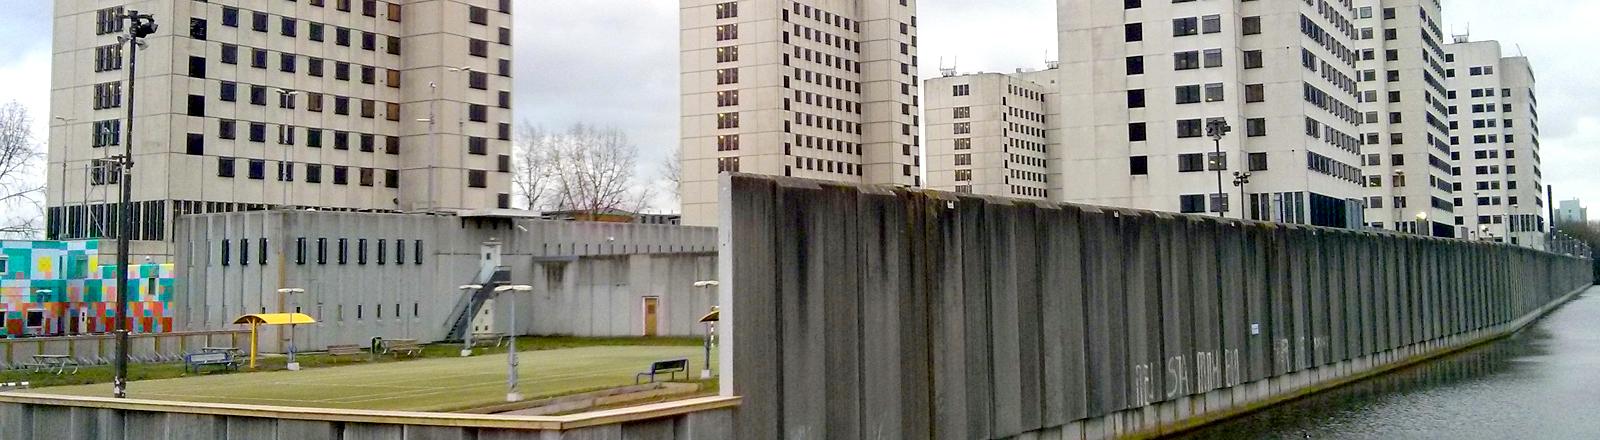 Hochhäuser mit einer dicken Mauer drumherum.